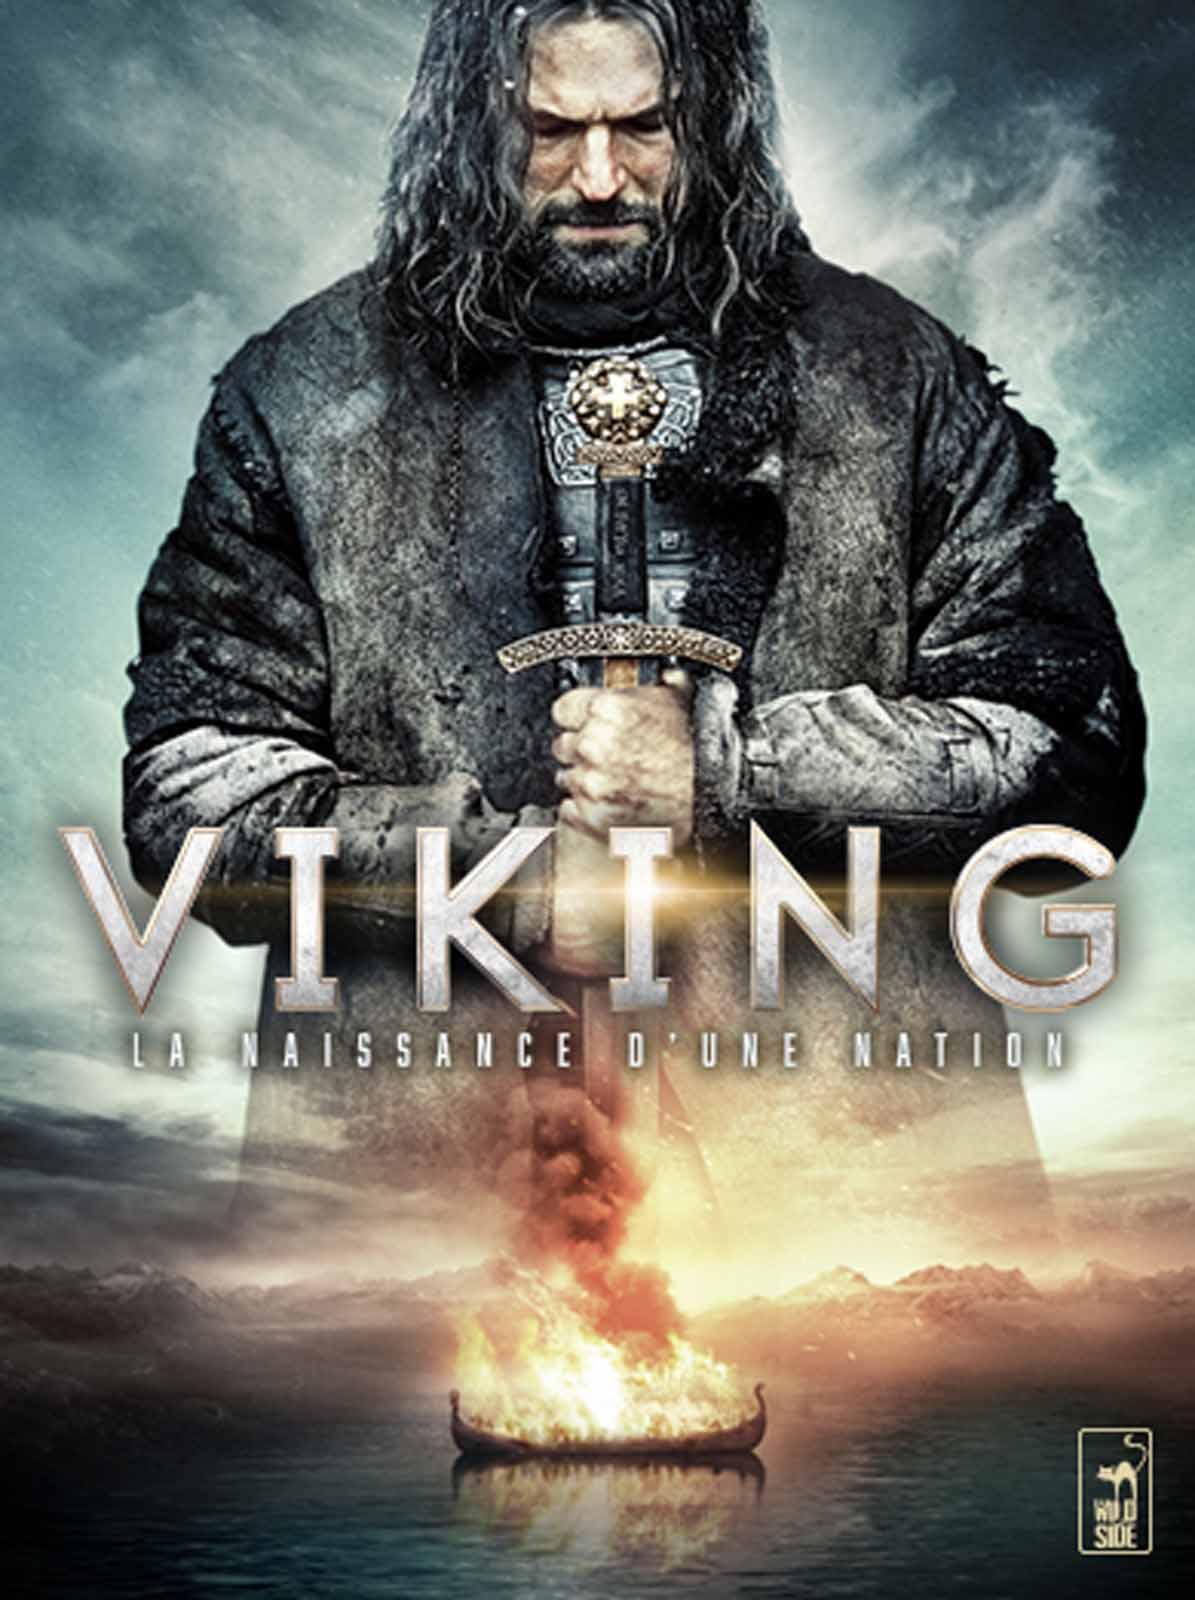 Viking, la naissance d\`une nation Français BDRiP